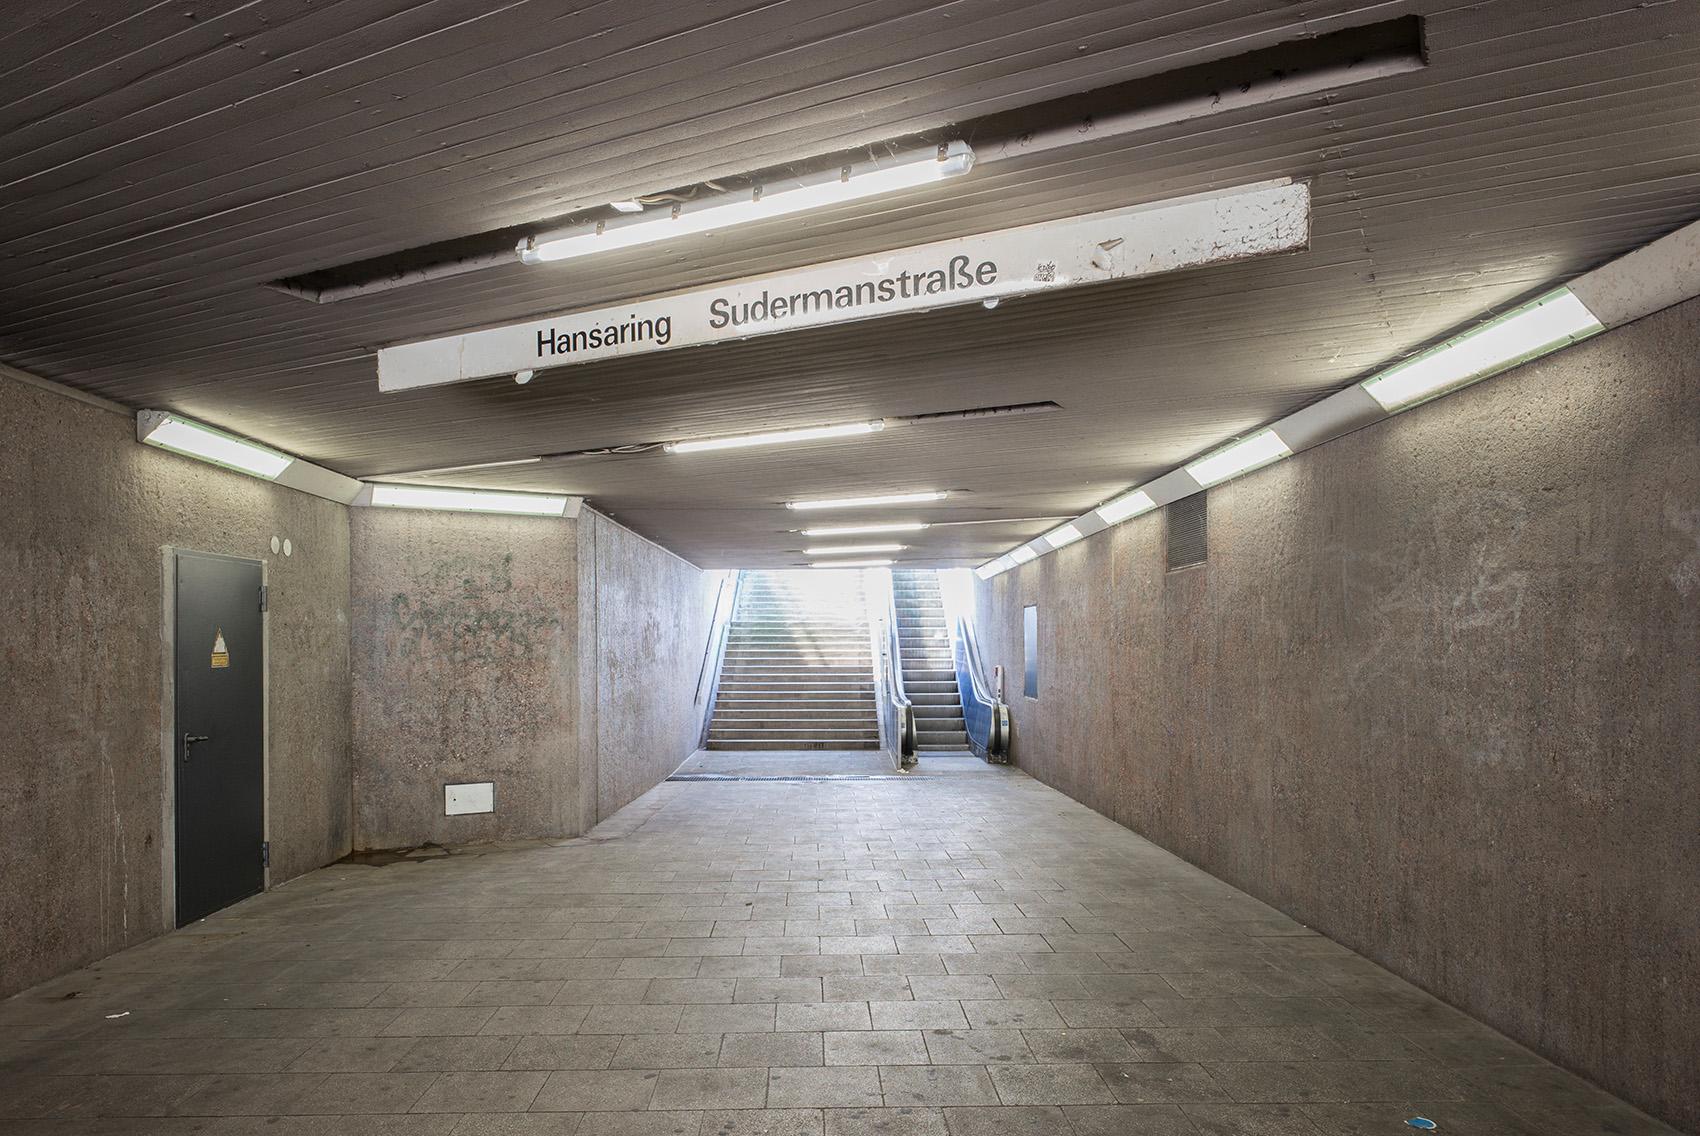 Hansaring / Ecke Sudermannstraße, Foto: M. Plüddemann